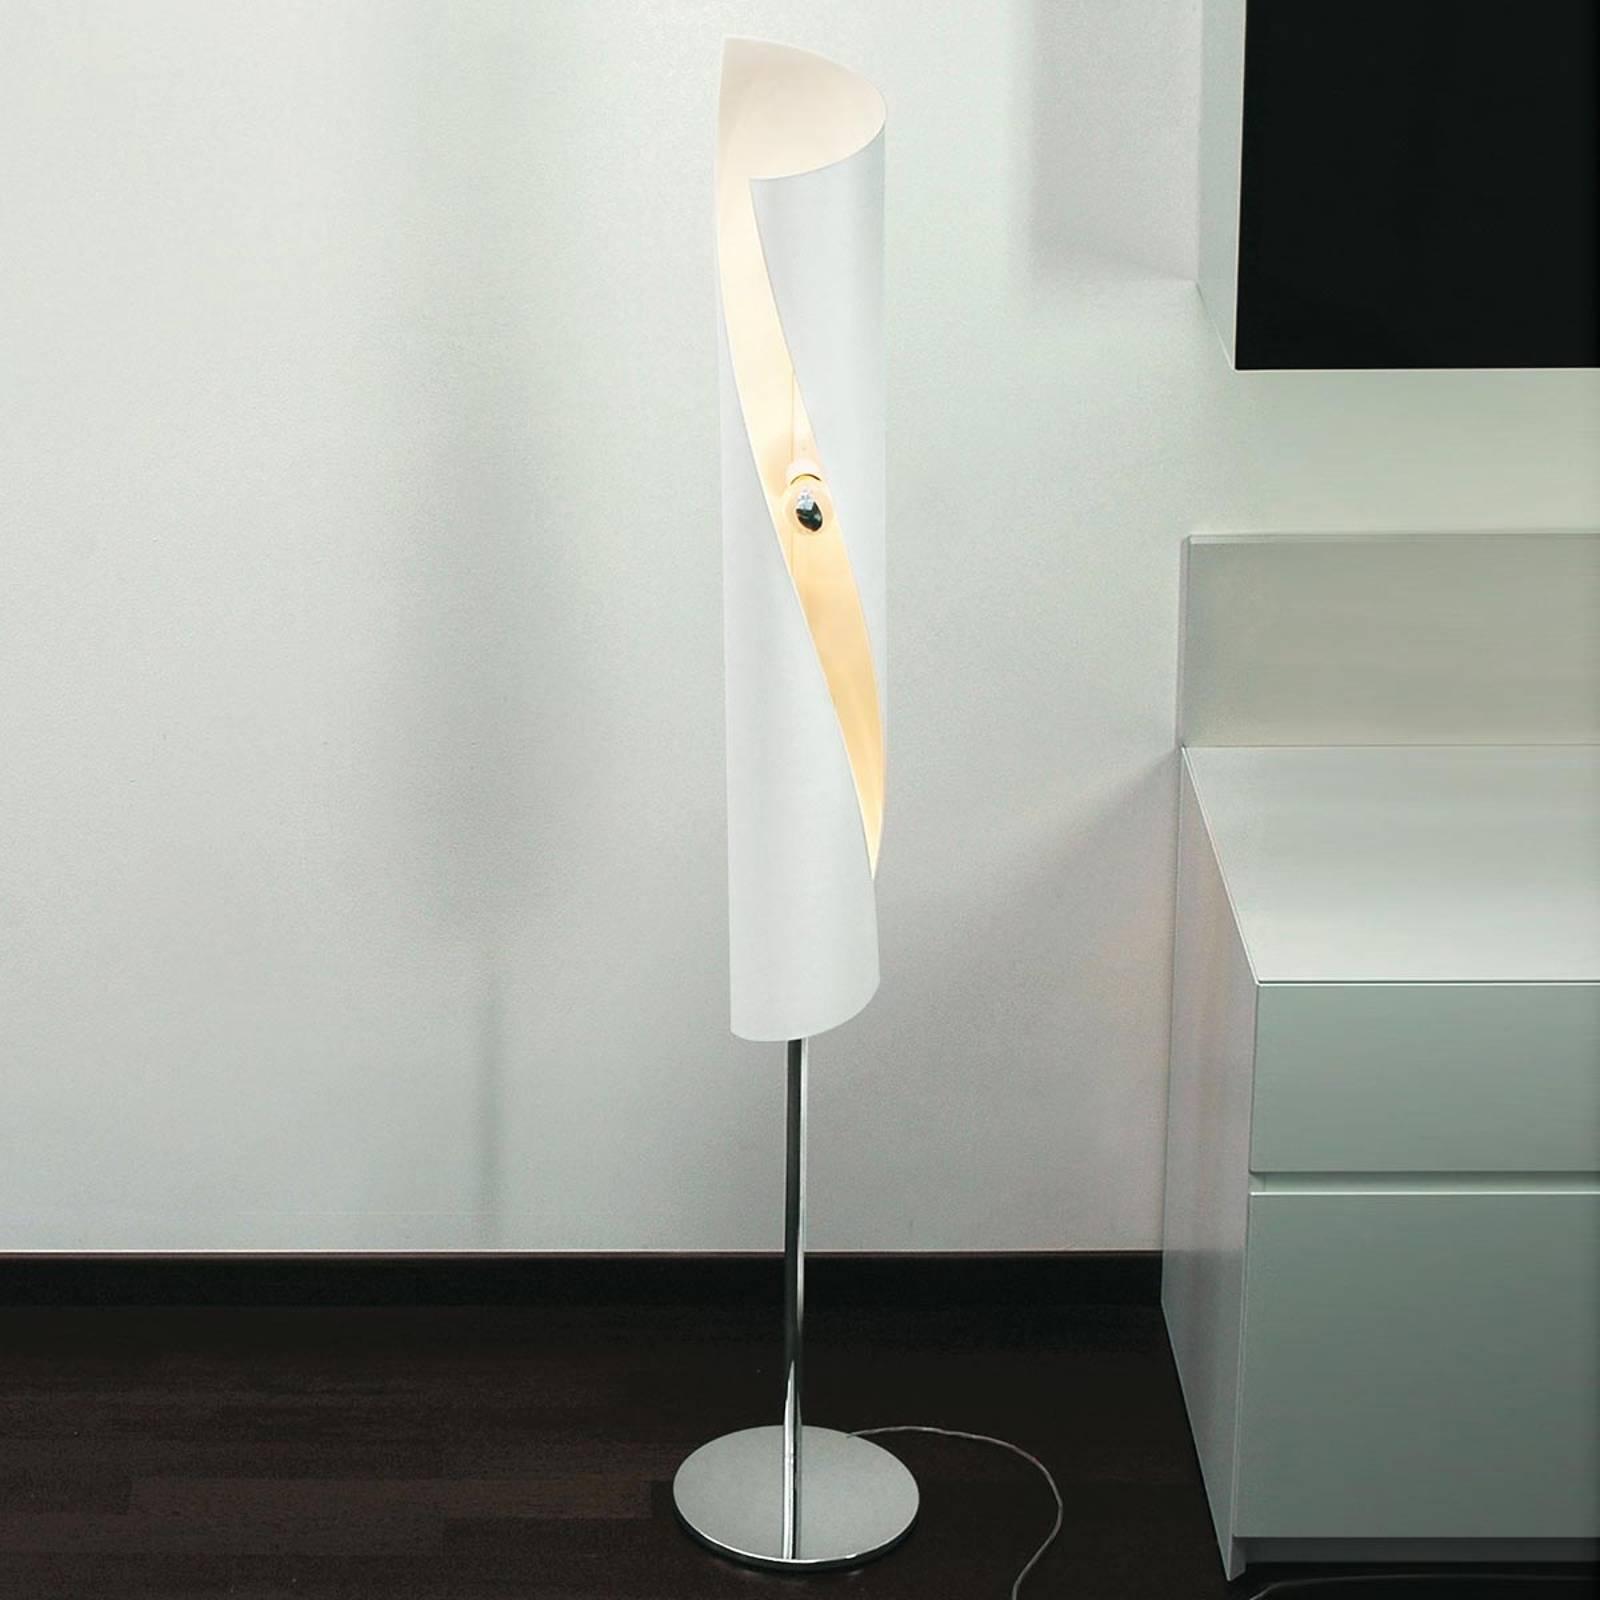 Hué-design-lattiavalaisin valkoisena